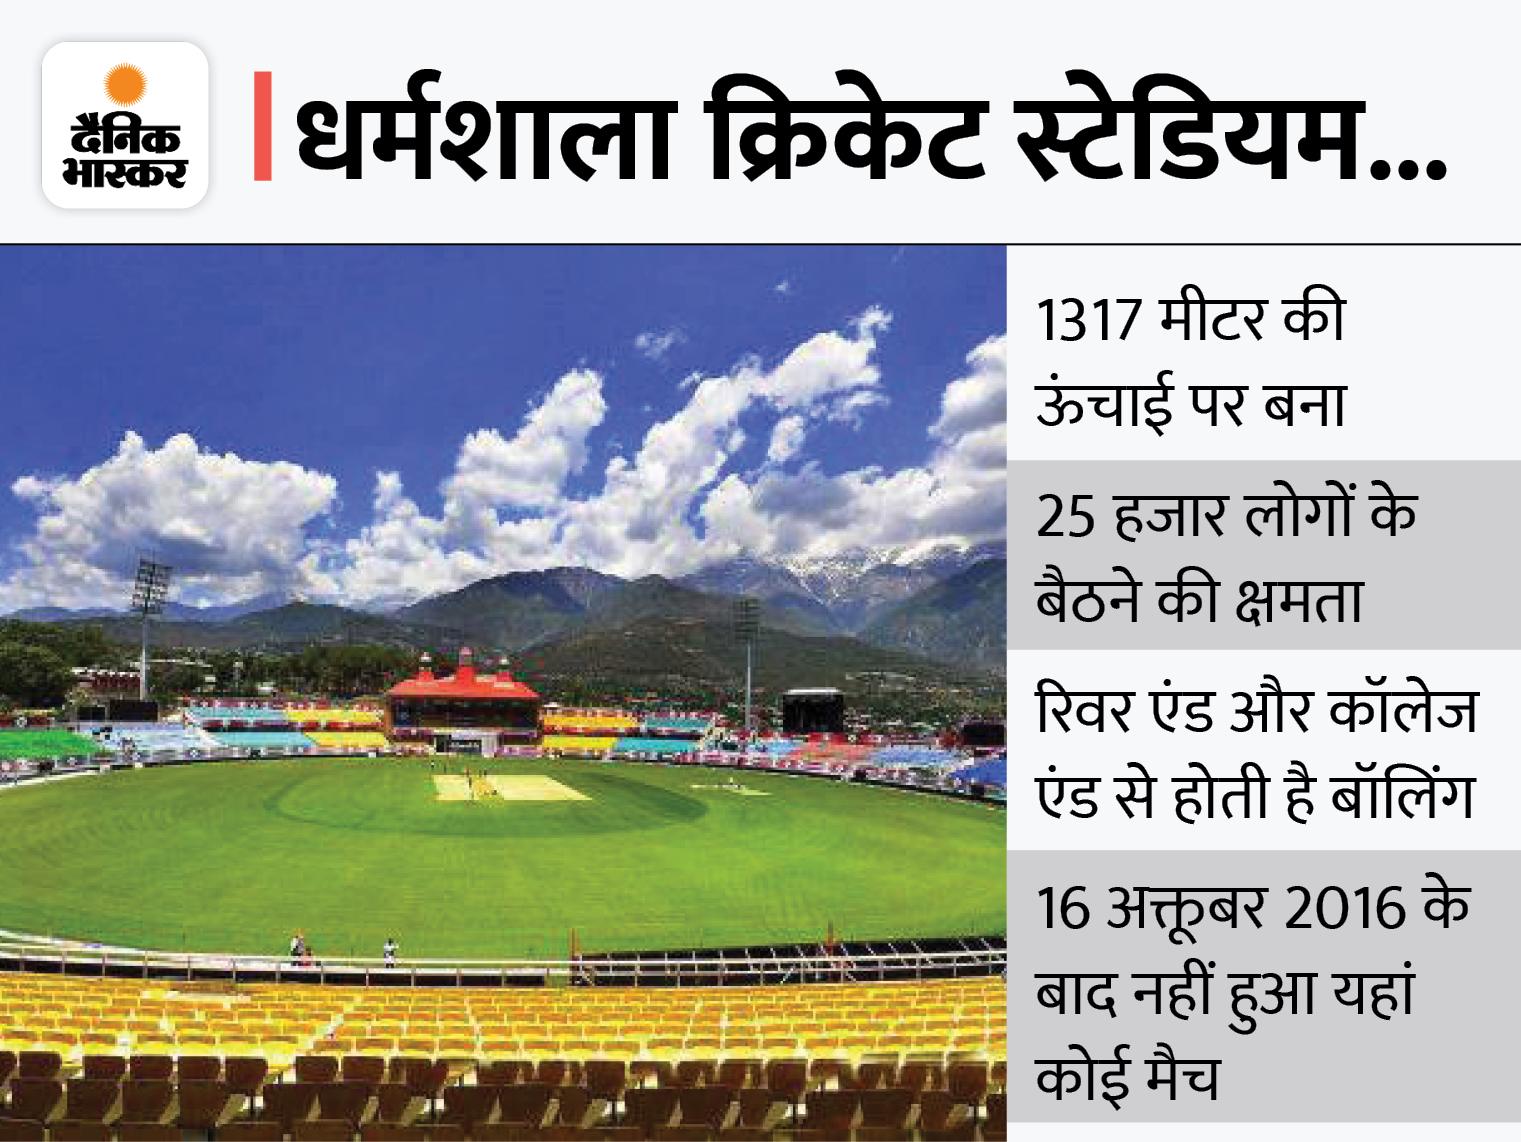 BCCI की बैठक में लिया गया फैसला; धर्मशाला में 15 मार्च को खेला जाएगा भारत-श्रीलंका के बीच T20 मुकाबला|देश,National - Dainik Bhaskar